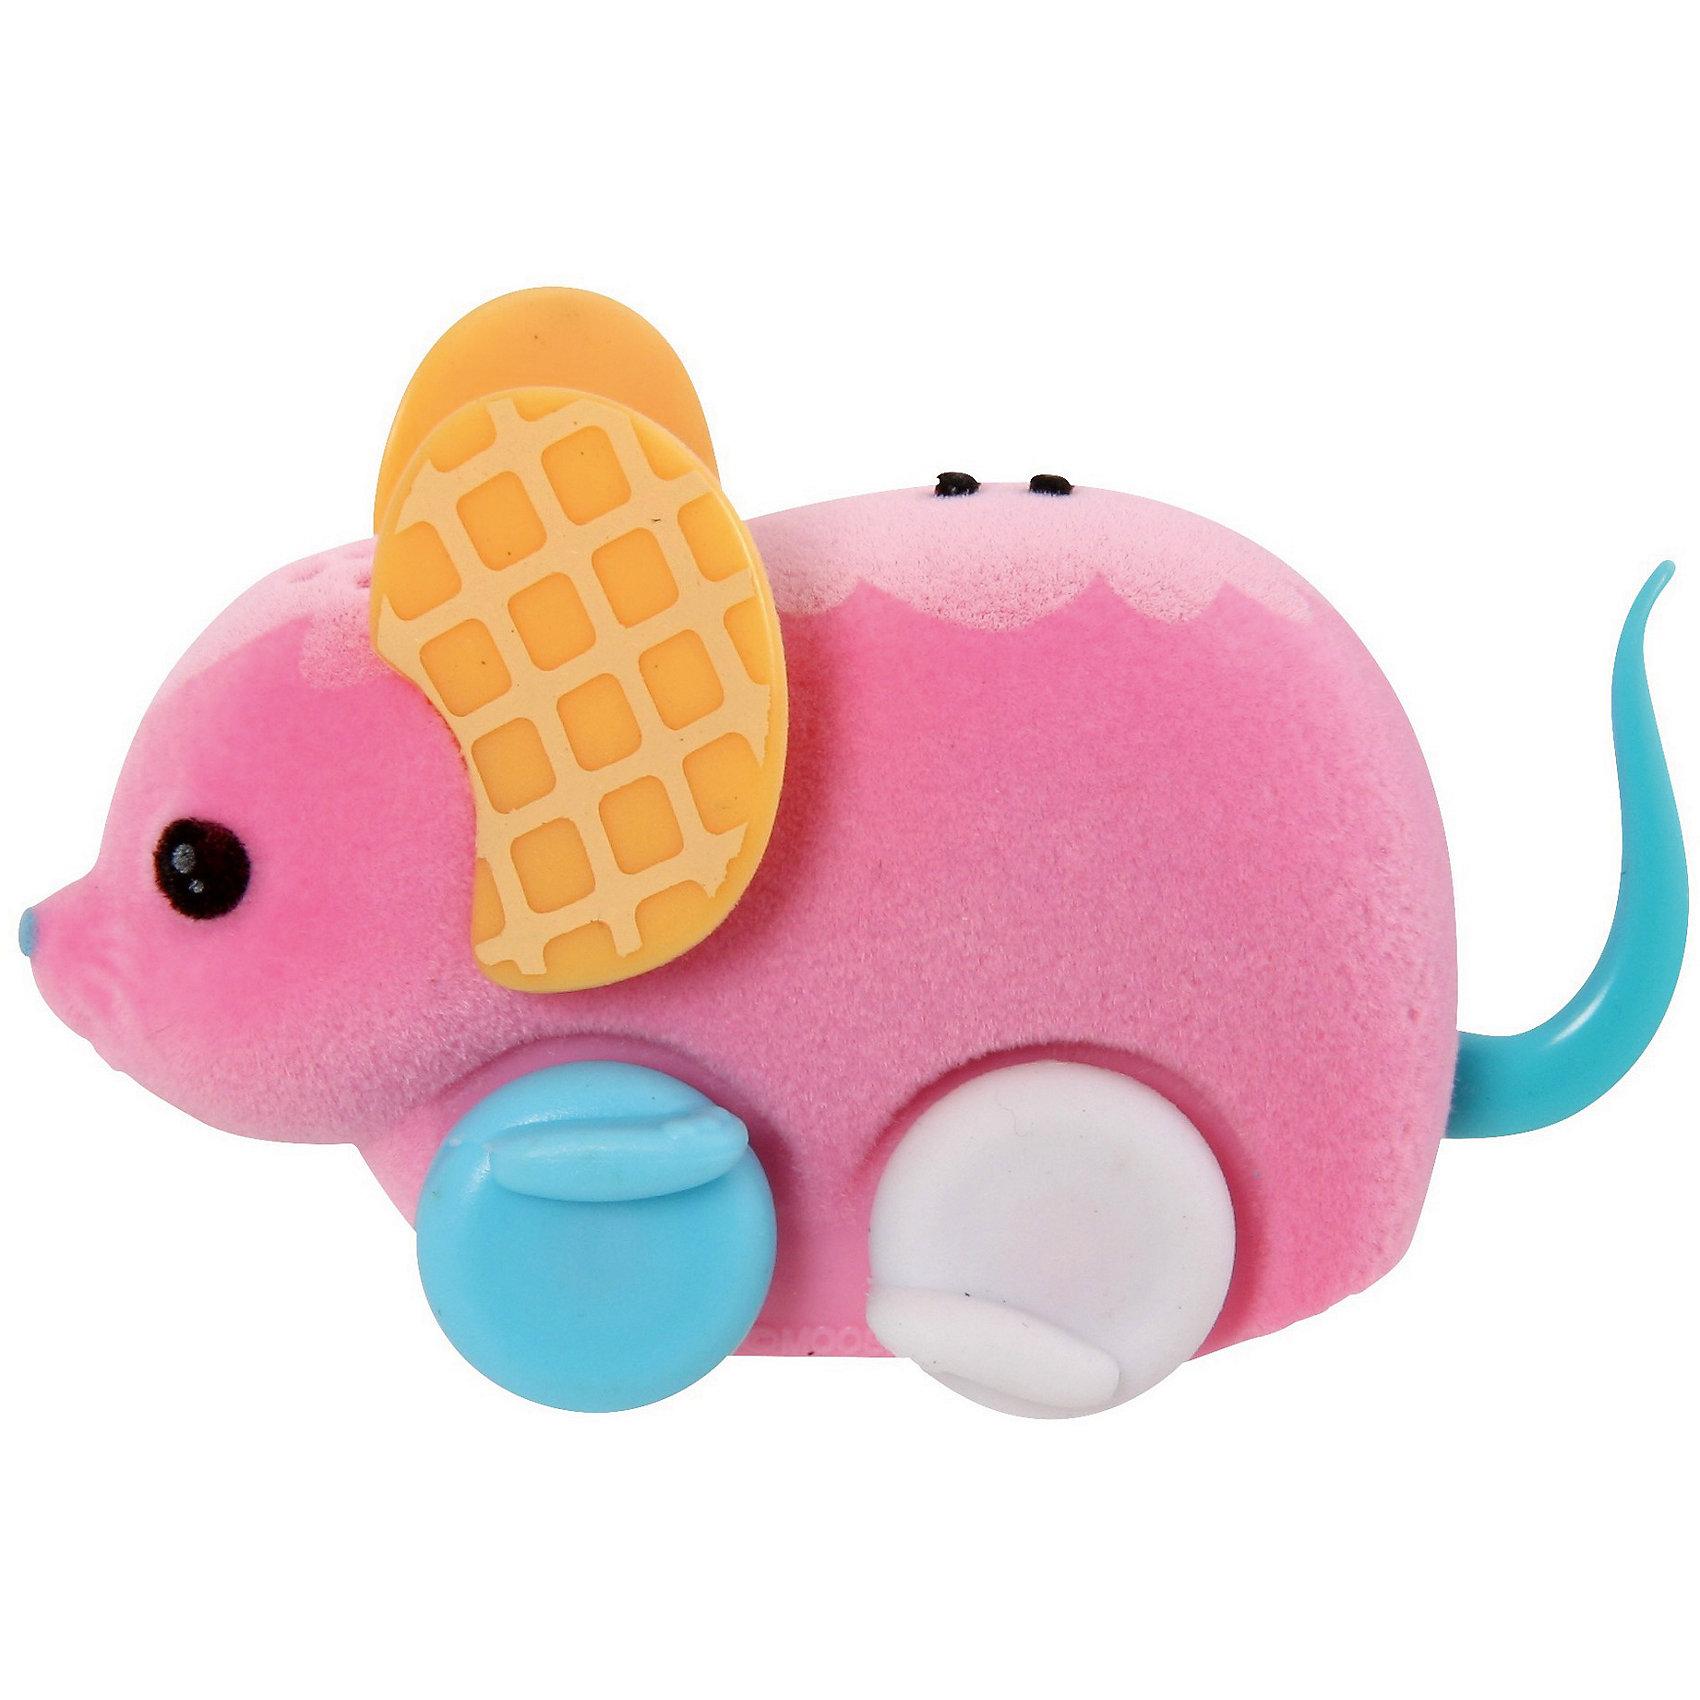 Интерактивная мышка в колесе, розовая, Little Live PetsИнтерактивные игрушки для малышей<br>Интерактивная мышка в колесе, розовая, Little Live Pets (Литтл лайв петс) от австралийского бренда Moose (Мус). Новая нежная игрушка – мышка, очень приятна на ощупь, ее тельце как будто сделано из бархата. Лапки сделаны в виде колесиков, которые позволяют мышке бегать. Красивые большие ушки мышки отлично сочетаются с рисунками на спинке и хвостиком. Мышка может пищать и издават интересные звуки, как настоящая если ее поглаживать по спинке. Движения мышки очень похожи на настоящую. В комплект входит розовое колесо для бега. С мышкой можно придумать много игр и почувствовать, будто дома появился новый домашний питомец. <br><br>Дополнительная информация:<br><br>- В комплект входит: 1 мышка, колесо<br>- Состав: пластик, флок<br>- Элементы питания: 3 батарейки AG13 (LR44) (имеются в комплекте)<br>- Умеет пищать<br><br>Интерактивную мышку в колесе, розовая, Little Live Pets (Литтл лайв петс), Moose (Мус) можно купить в нашем интернет-магазине.<br>Подробнее:<br>• Для детей в возрасте: от 5 до 8 лет <br>• Номер товара: 5055298<br>Страна производитель: Китай<br><br>Ширина мм: 55<br>Глубина мм: 180<br>Высота мм: 220<br>Вес г: 200<br>Возраст от месяцев: 60<br>Возраст до месяцев: 120<br>Пол: Унисекс<br>Возраст: Детский<br>SKU: 5055298